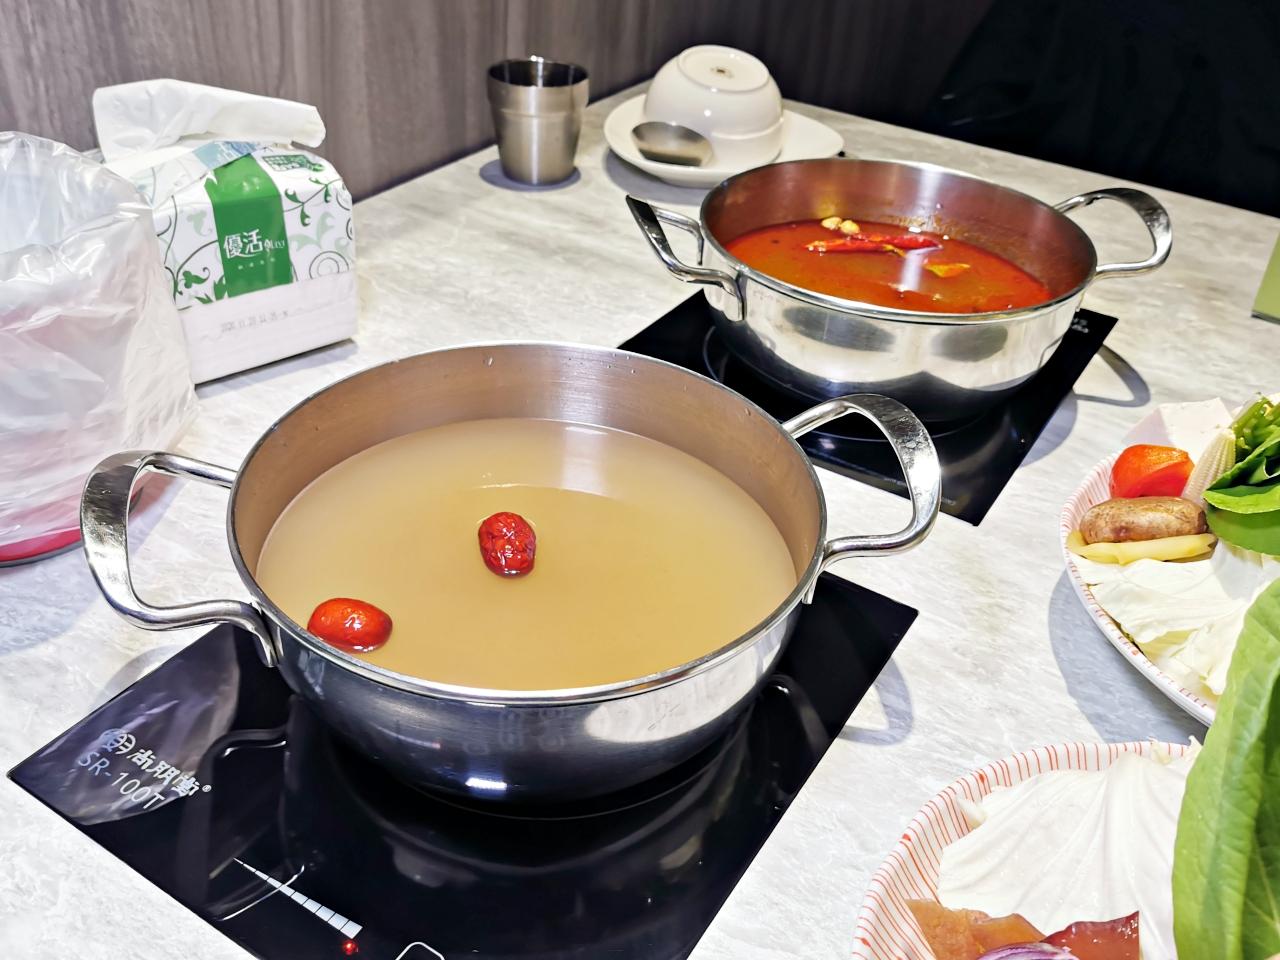 永和火鍋推薦:肉出微笑 Let's V V Chou 料好實在的火鍋,現在開鍋還有加碼送